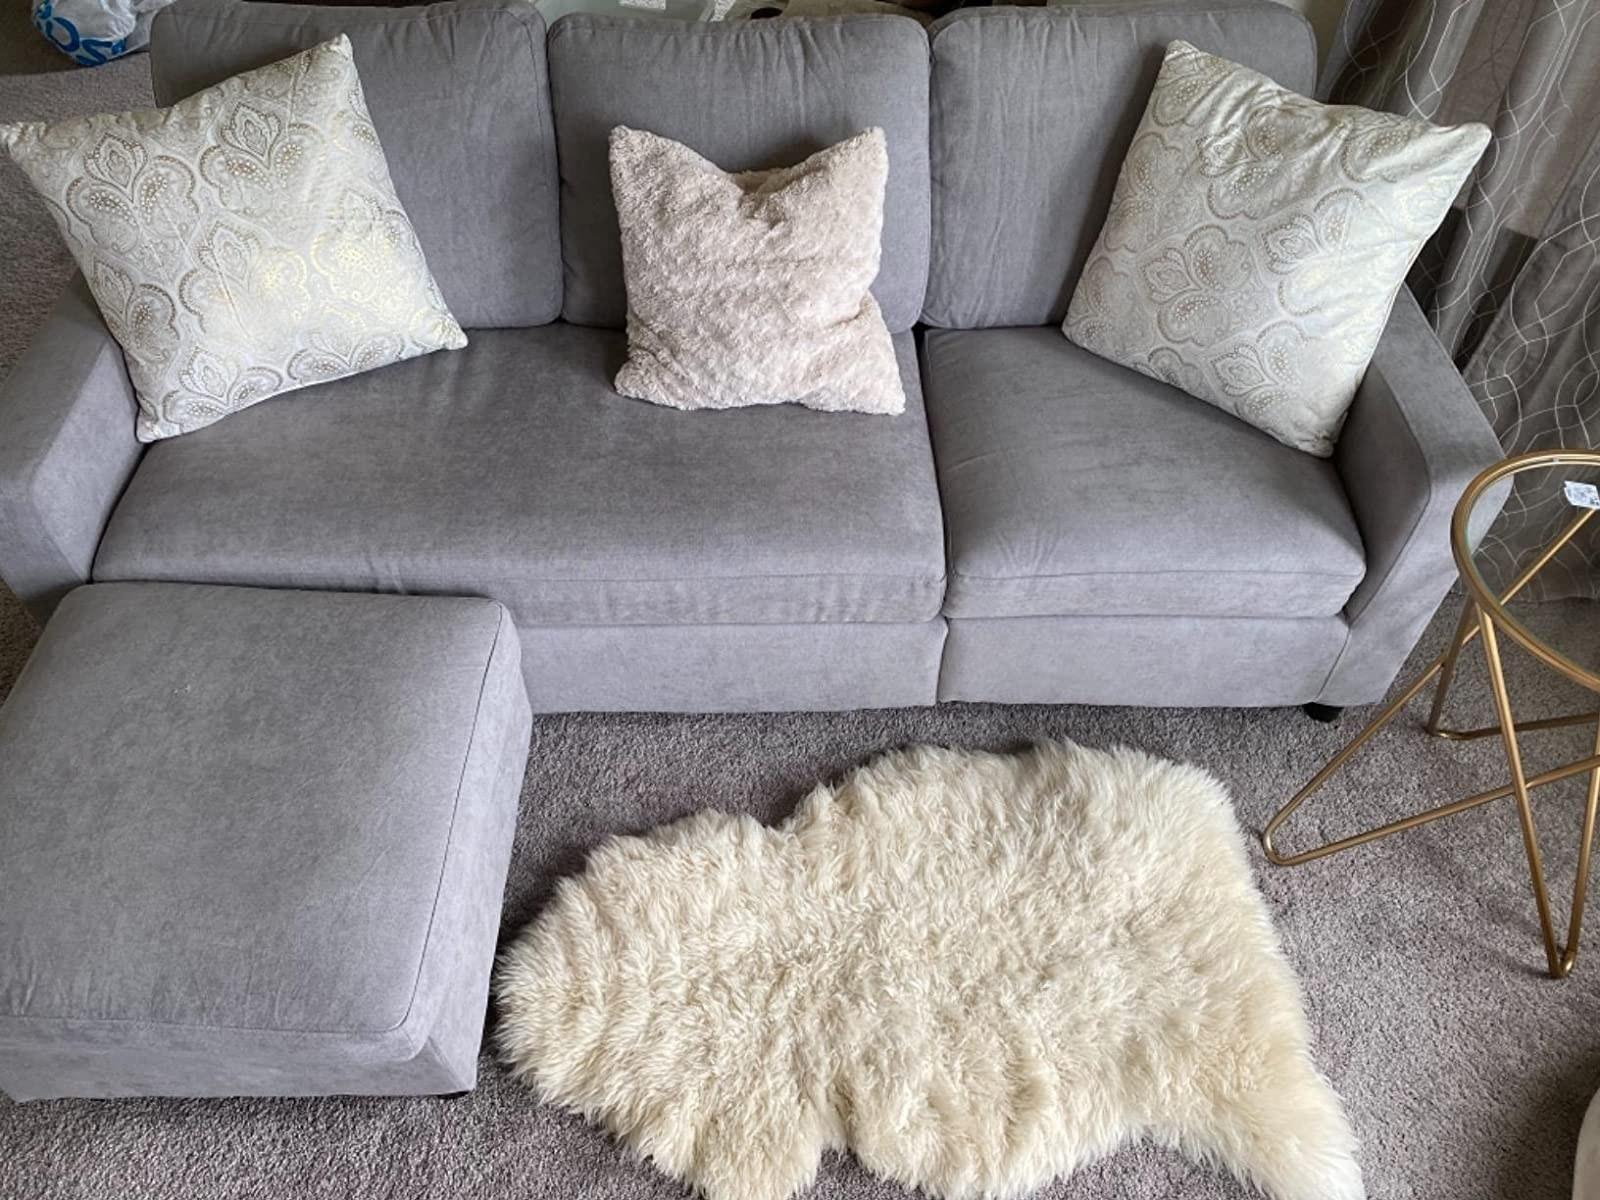 L形沙发,在起居室里有厚厚的垫子